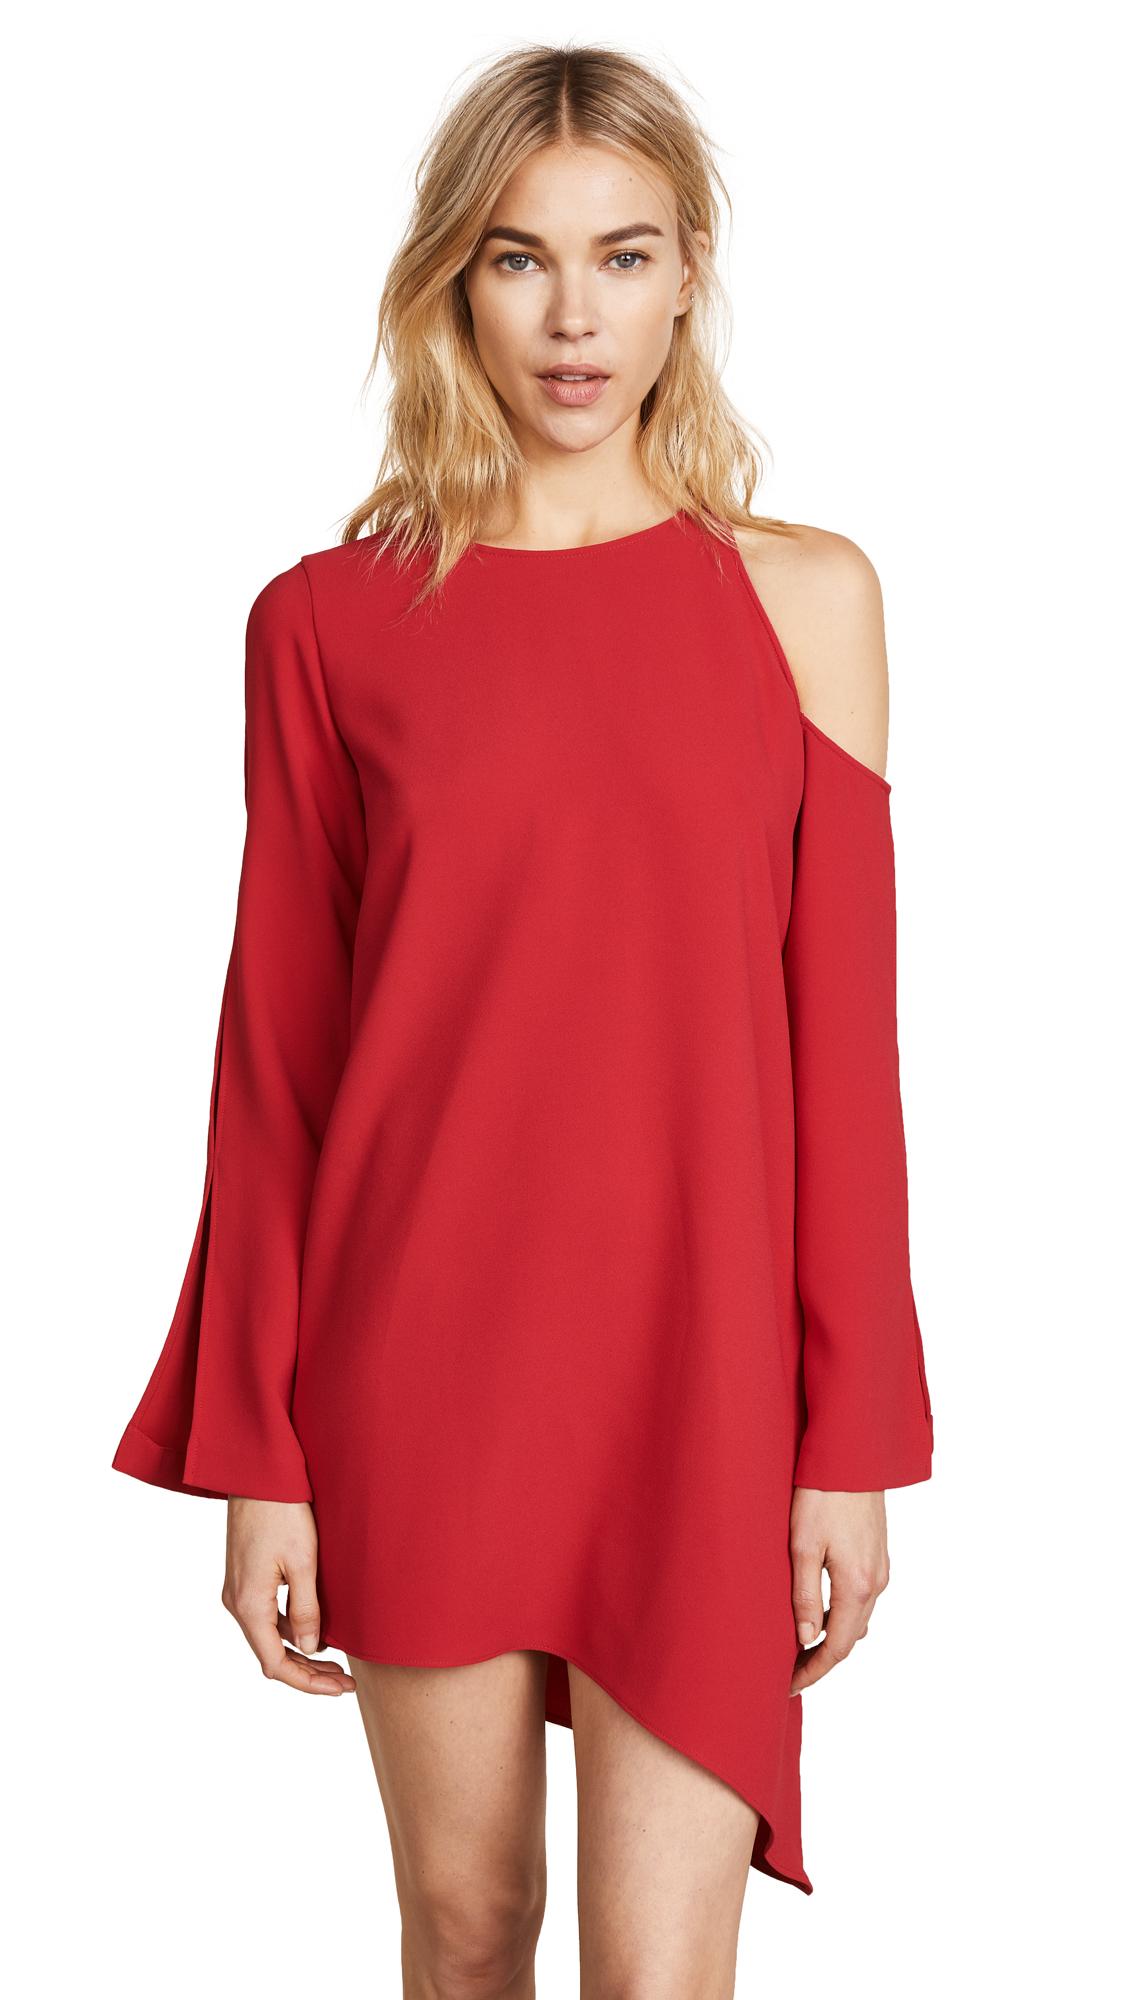 IRO Awati Dress In Poppy Red